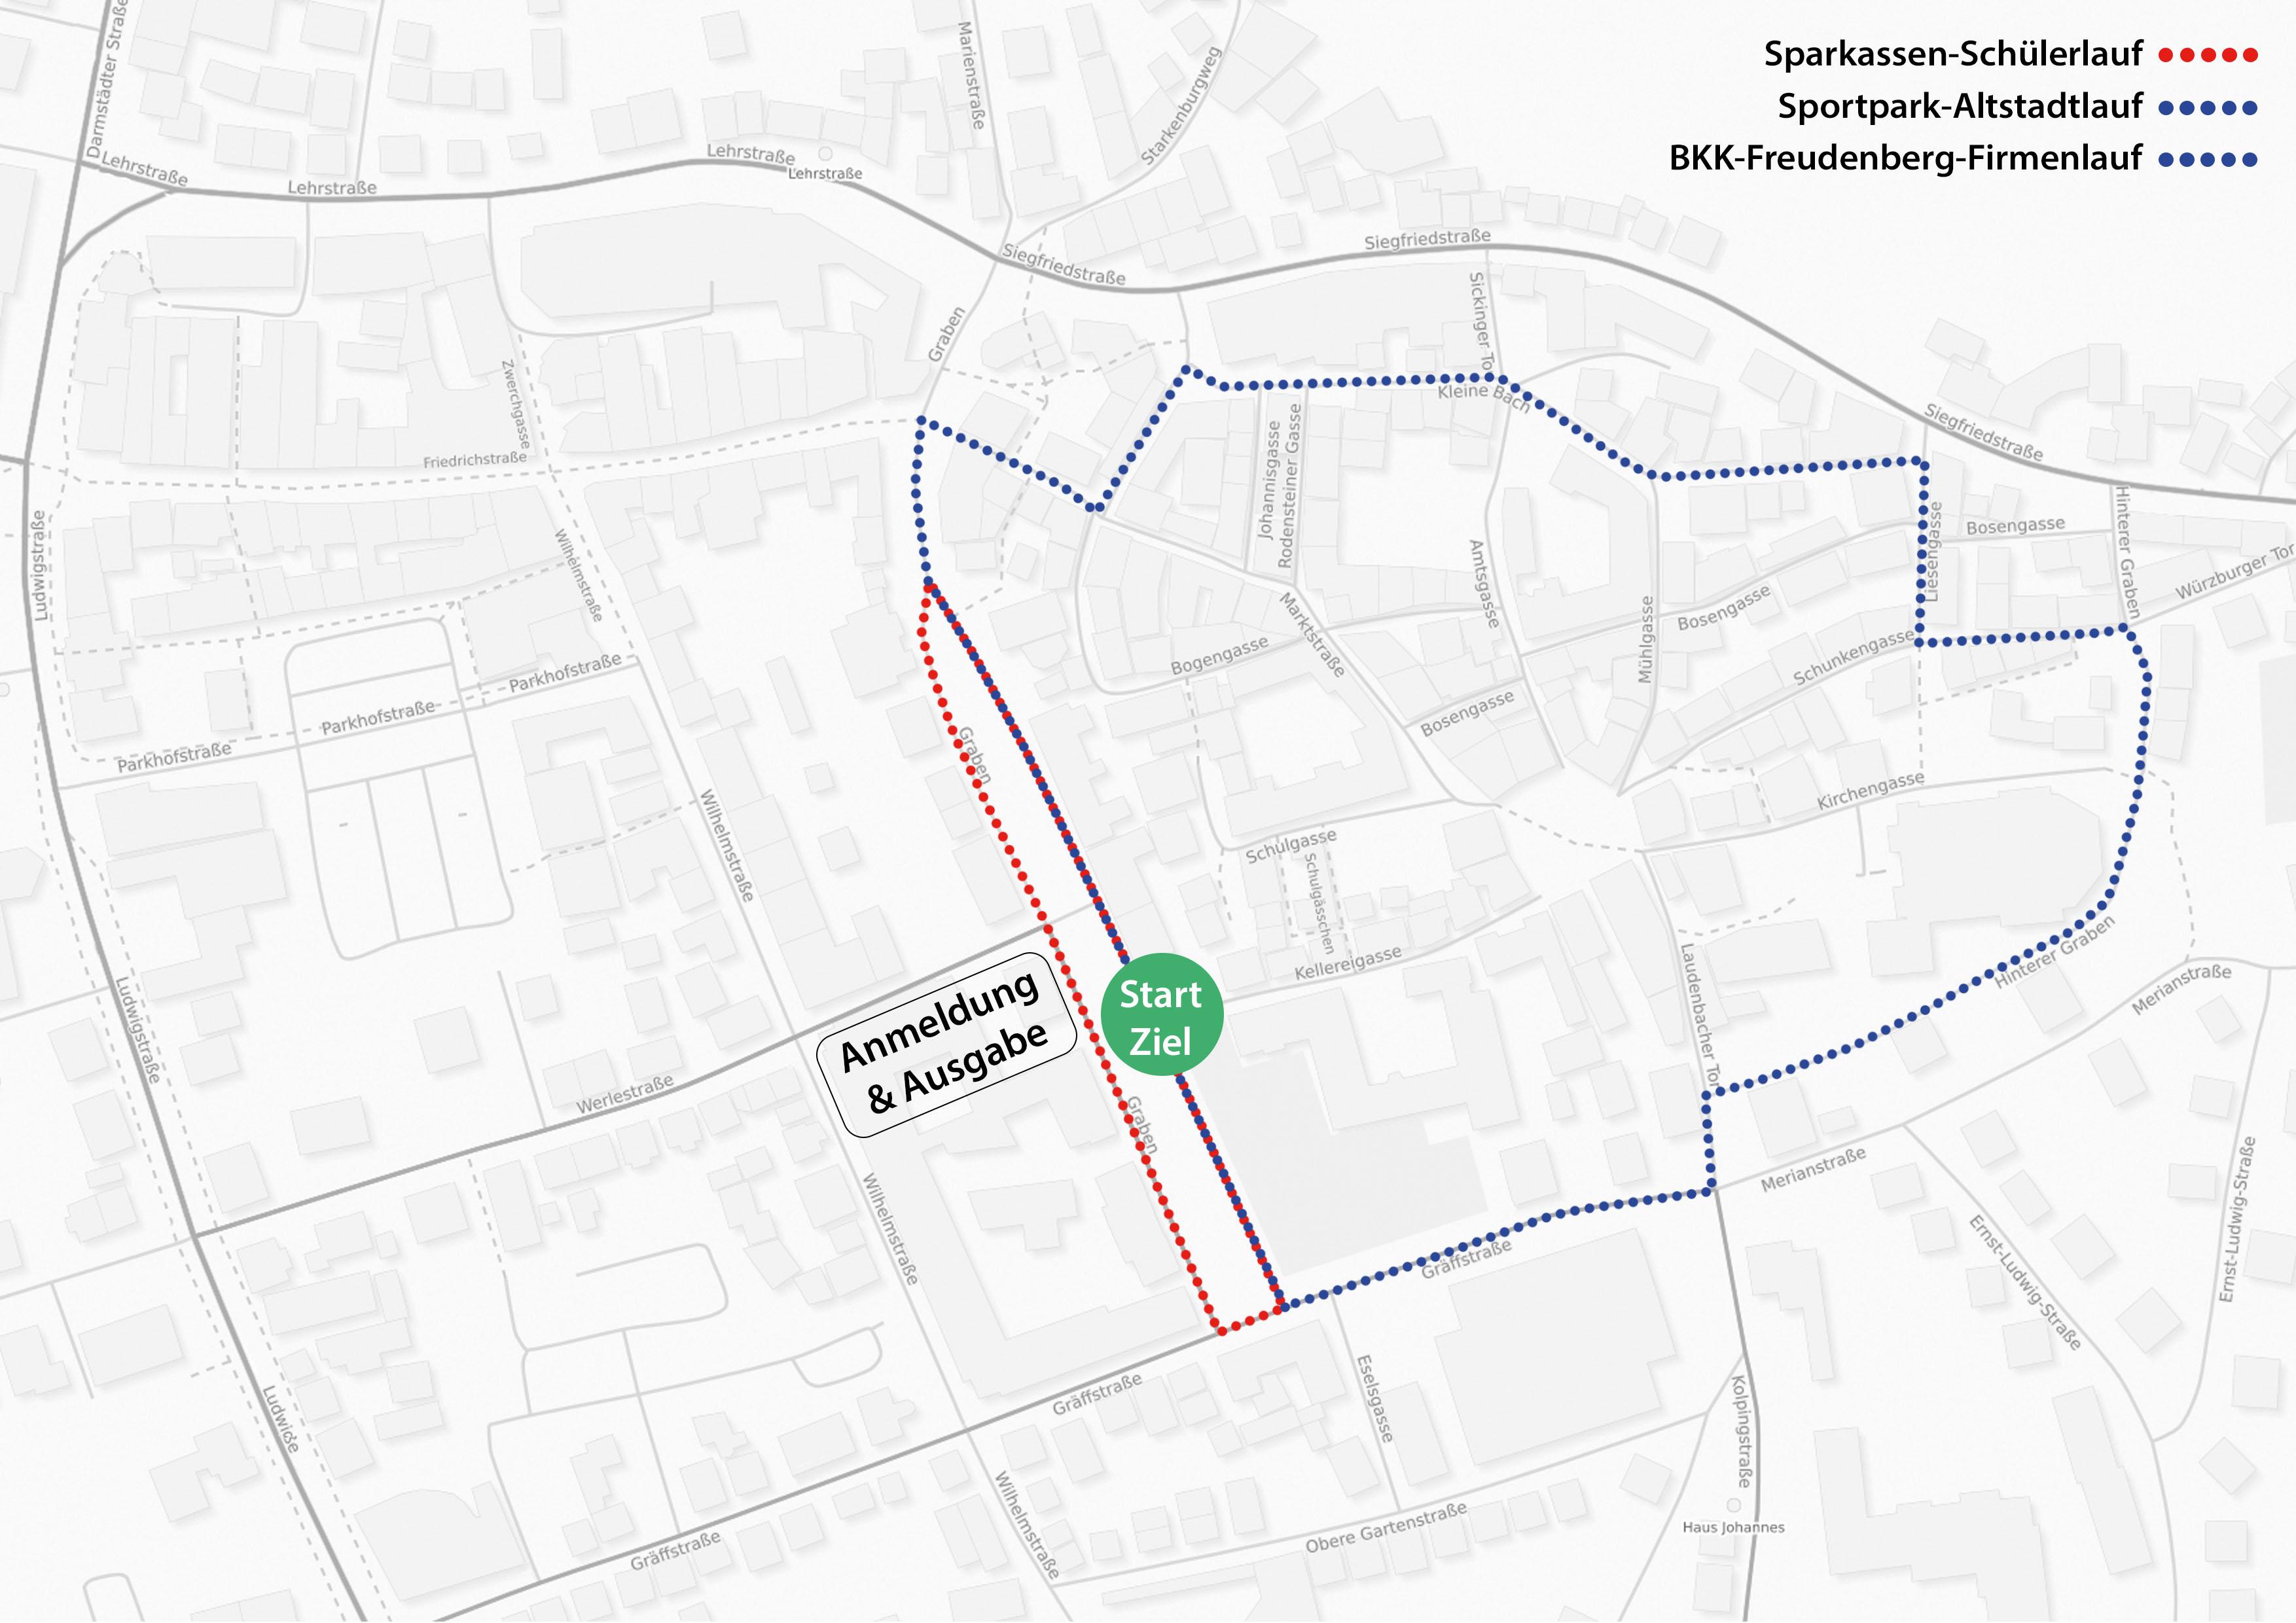 Streckenplan Altstadtlauf Heppenheim